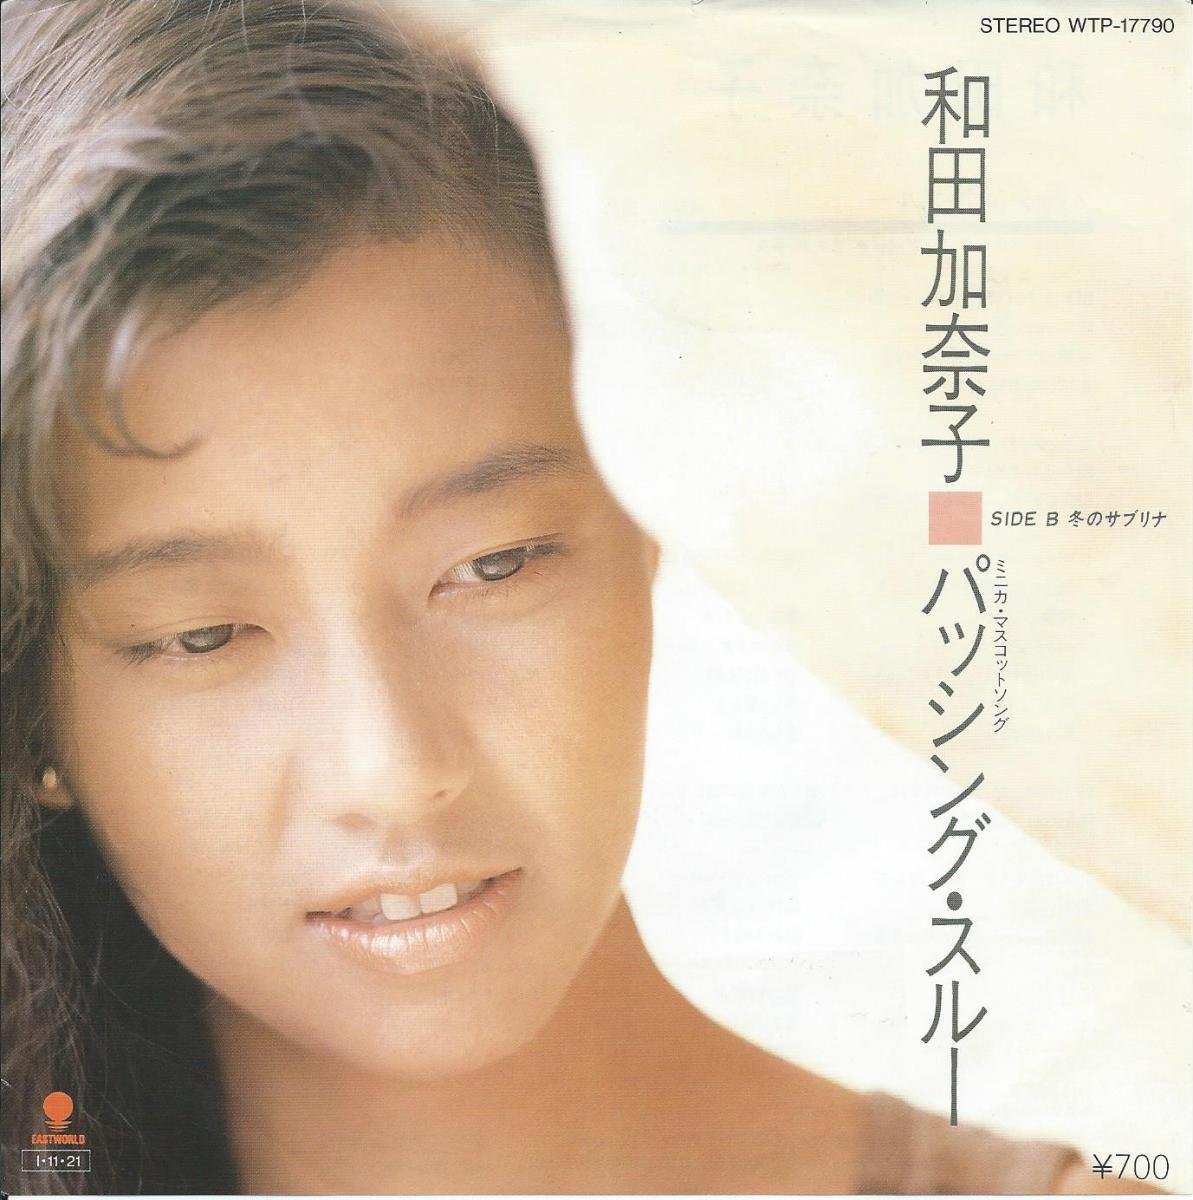 和田加奈子 KANAKO WADA / パッシング・スルー (7